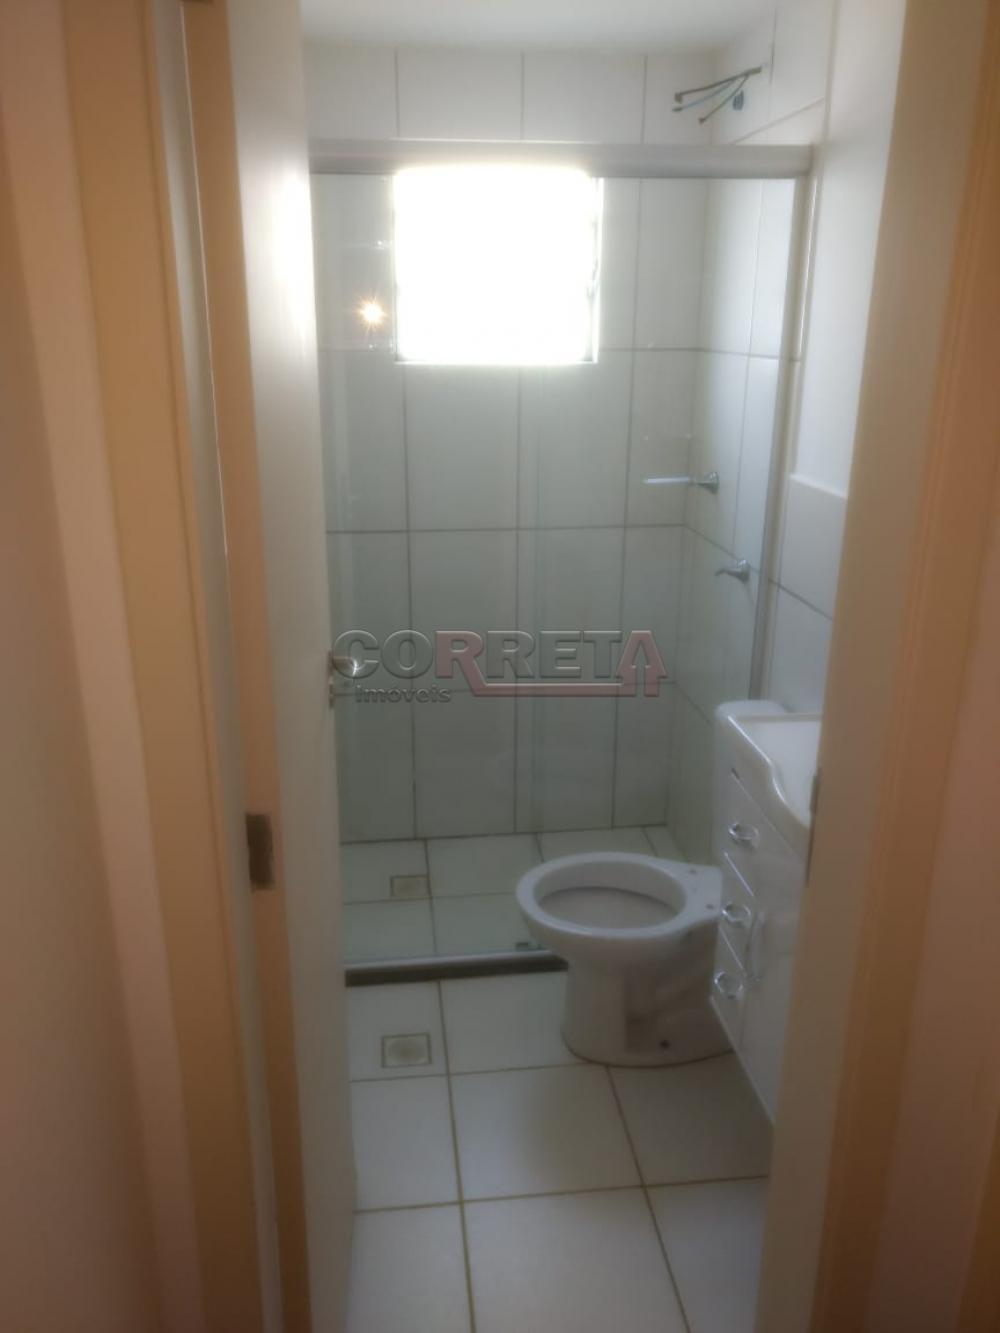 Alugar Apartamento / Padrão em Araçatuba apenas R$ 500,00 - Foto 15